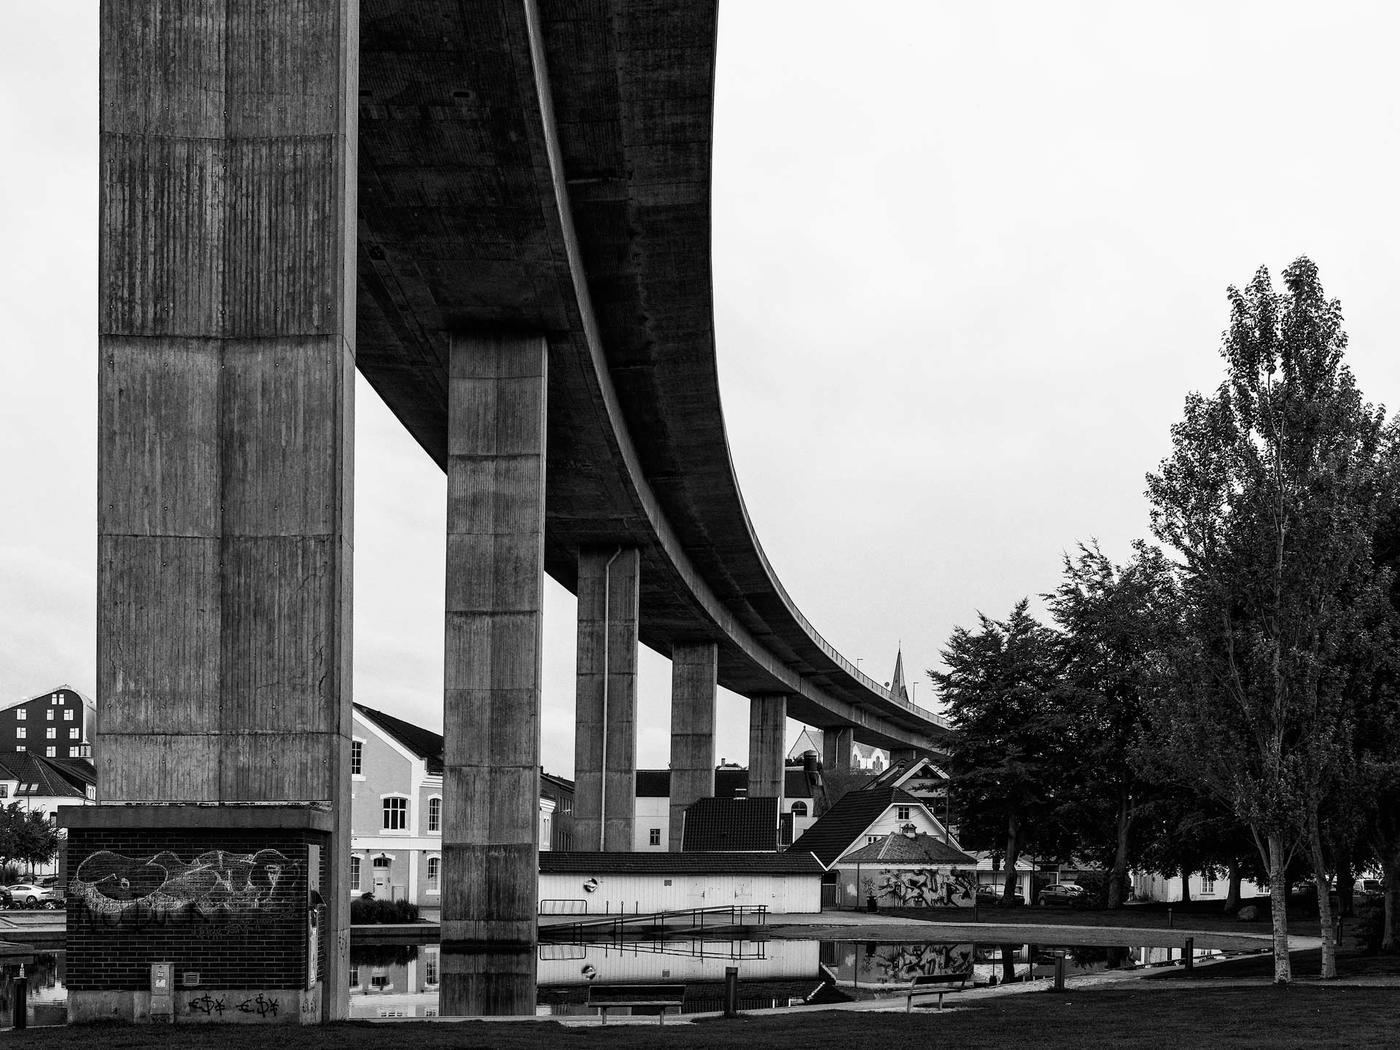 Stavanger I. El puente (Jose Luis Rubio Perez)